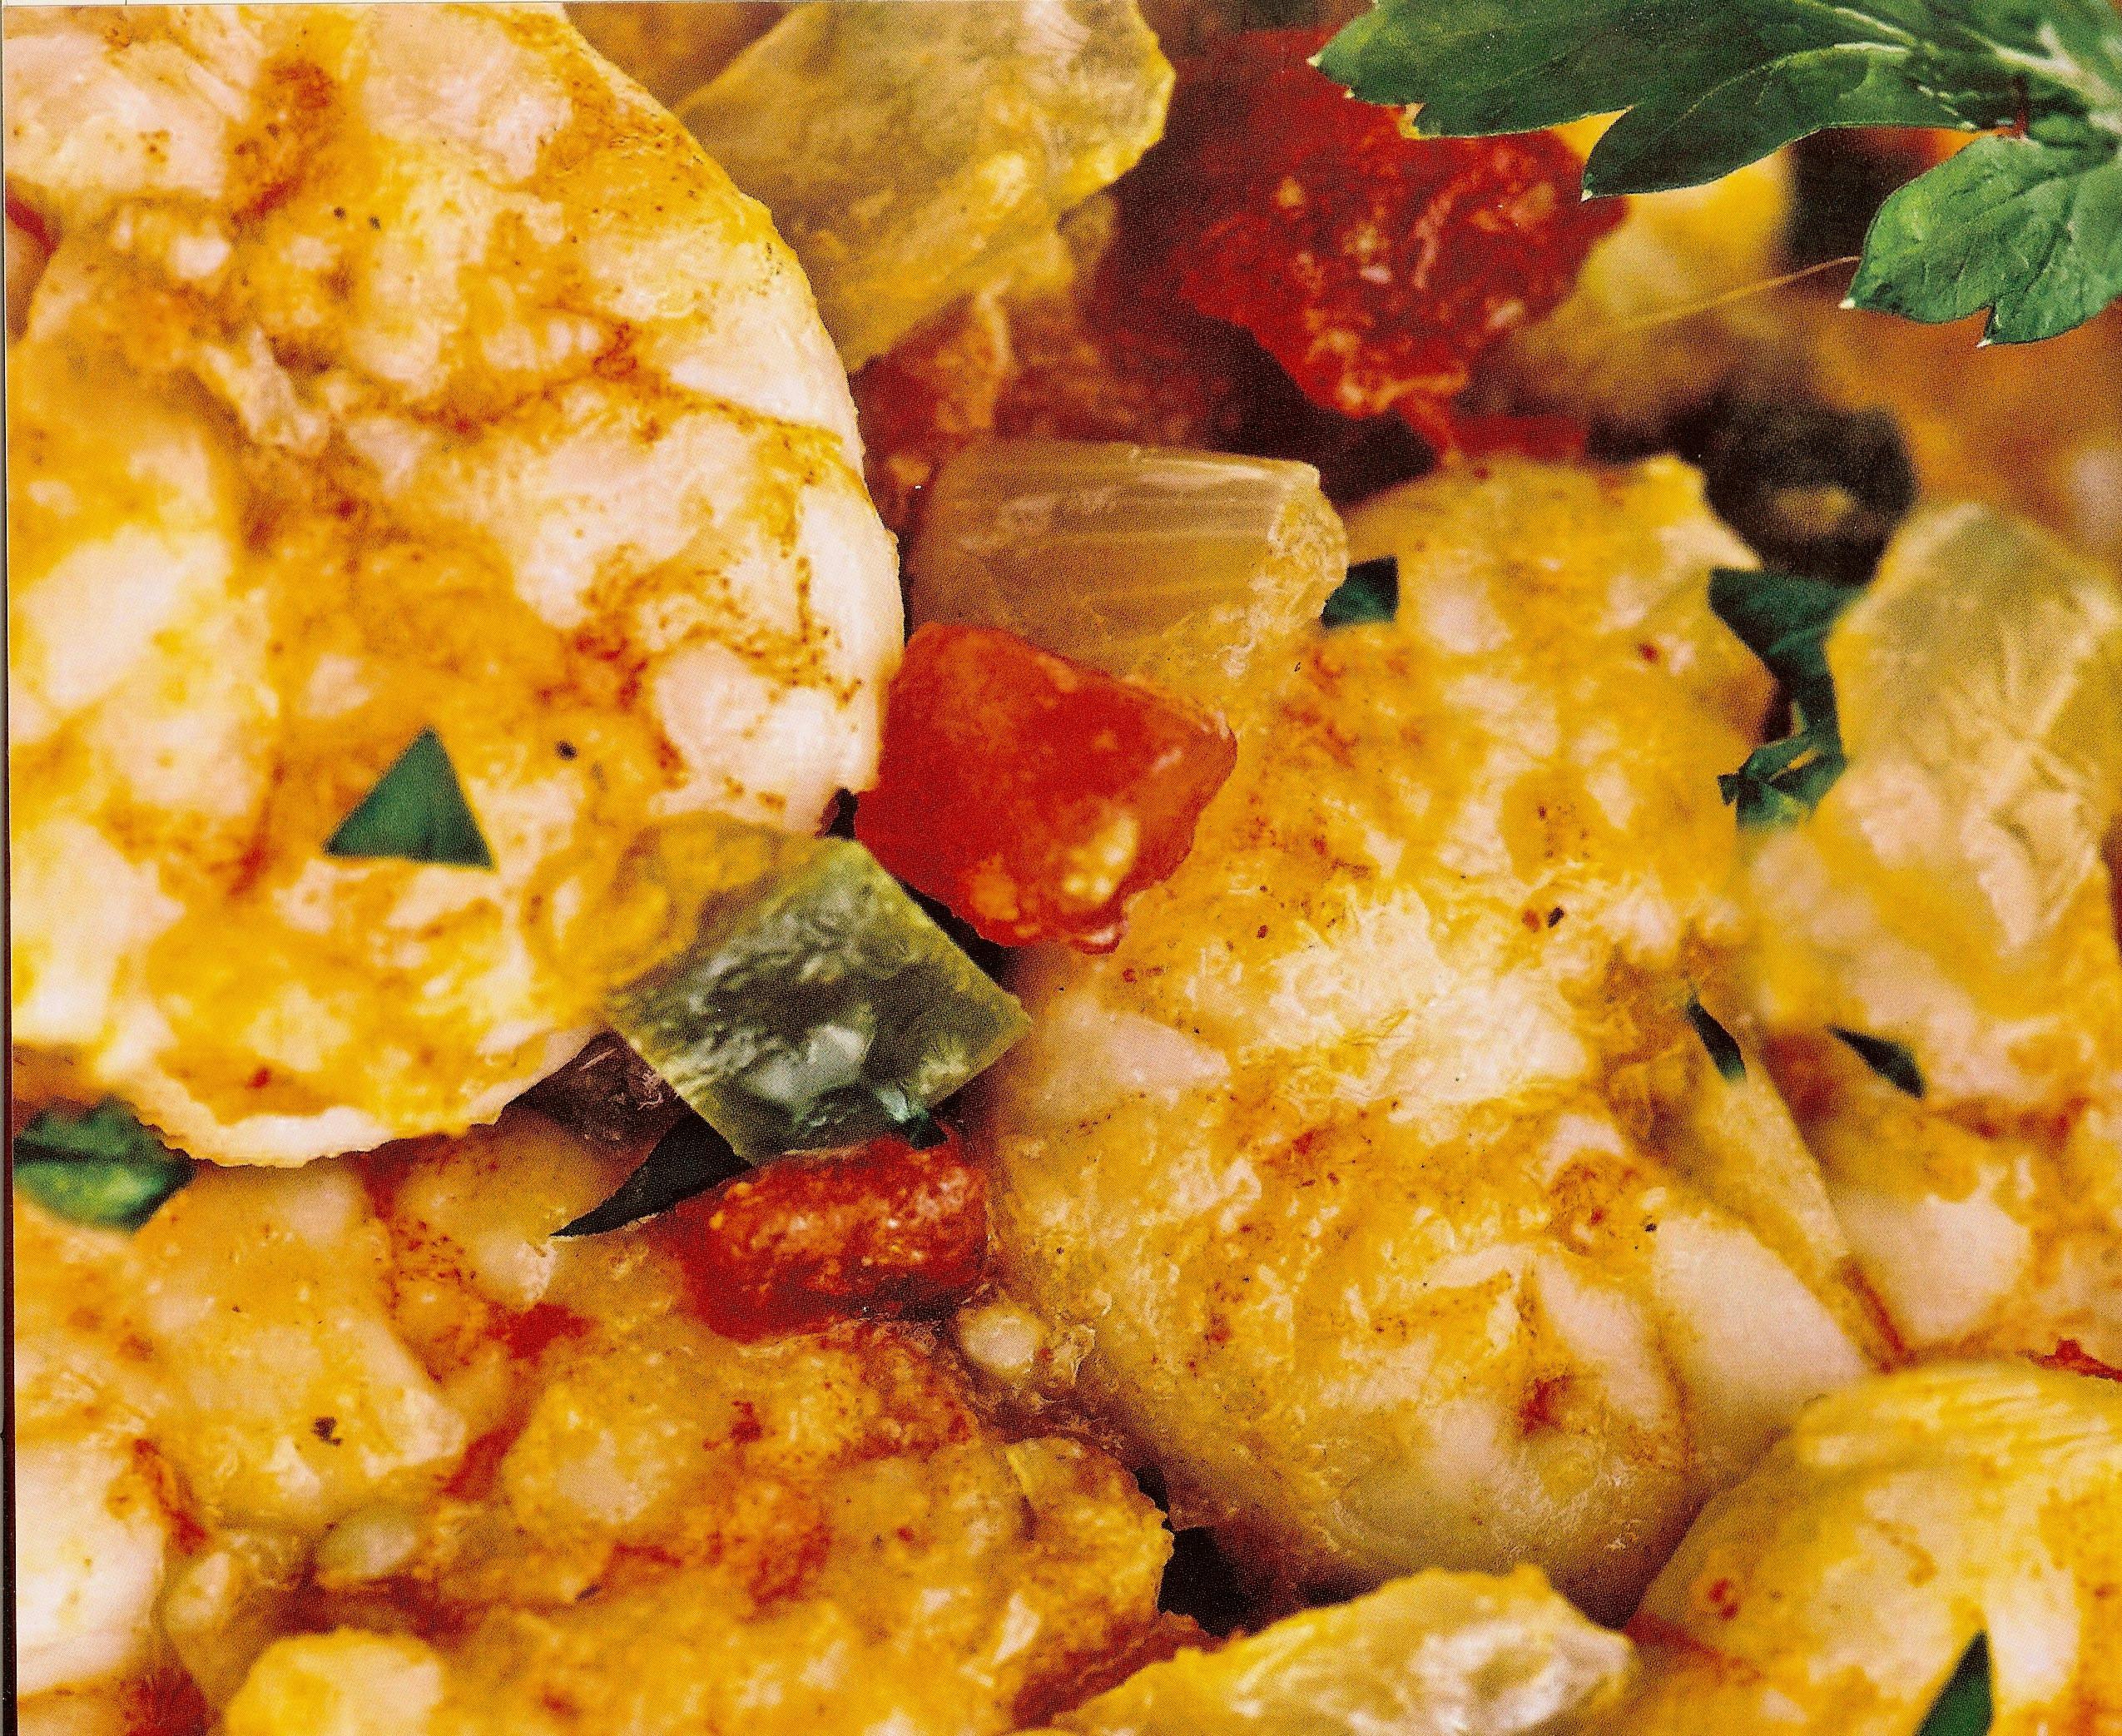 Shrimp Breakfast Recipes  Louisiana Recipes